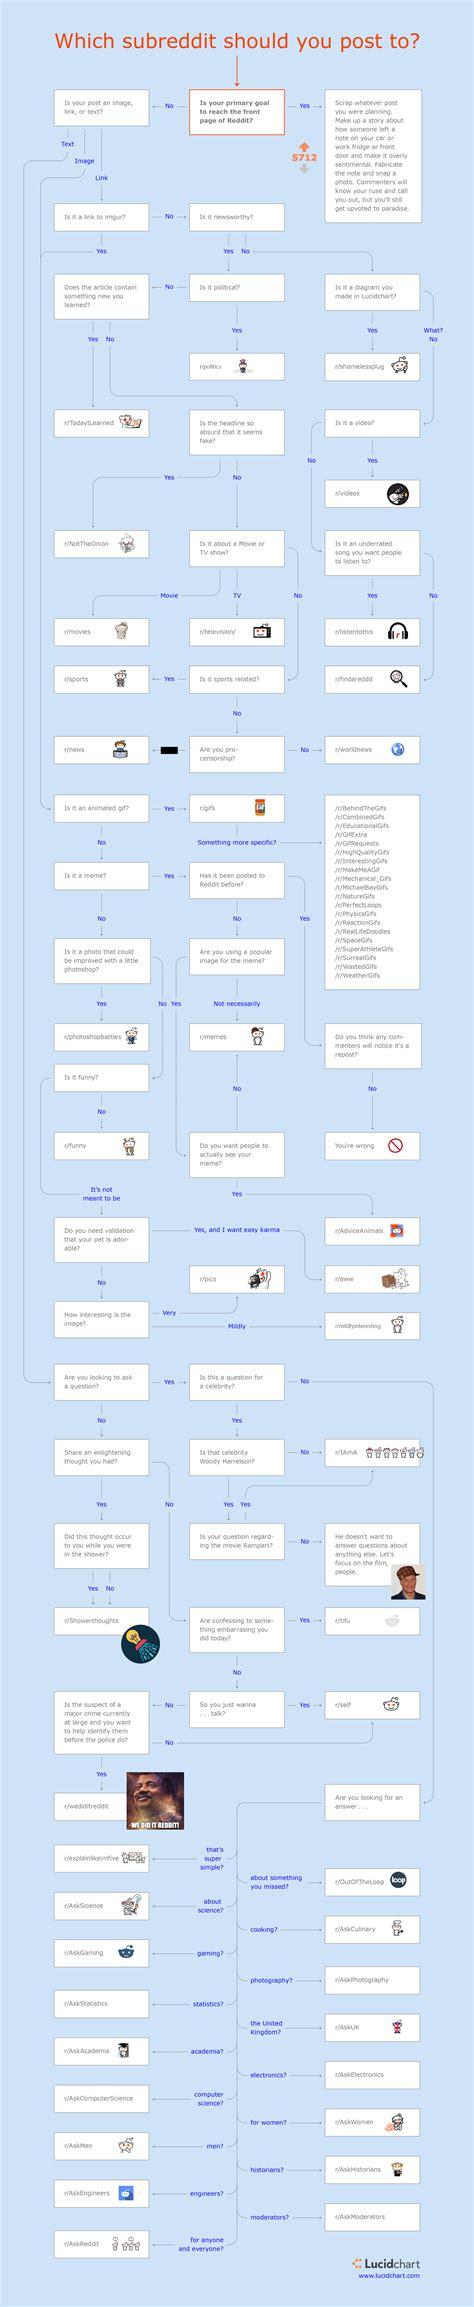 Should I Get An Mba Reddit by D2slcw3kip6qmk Cloudfront Net On Reddit